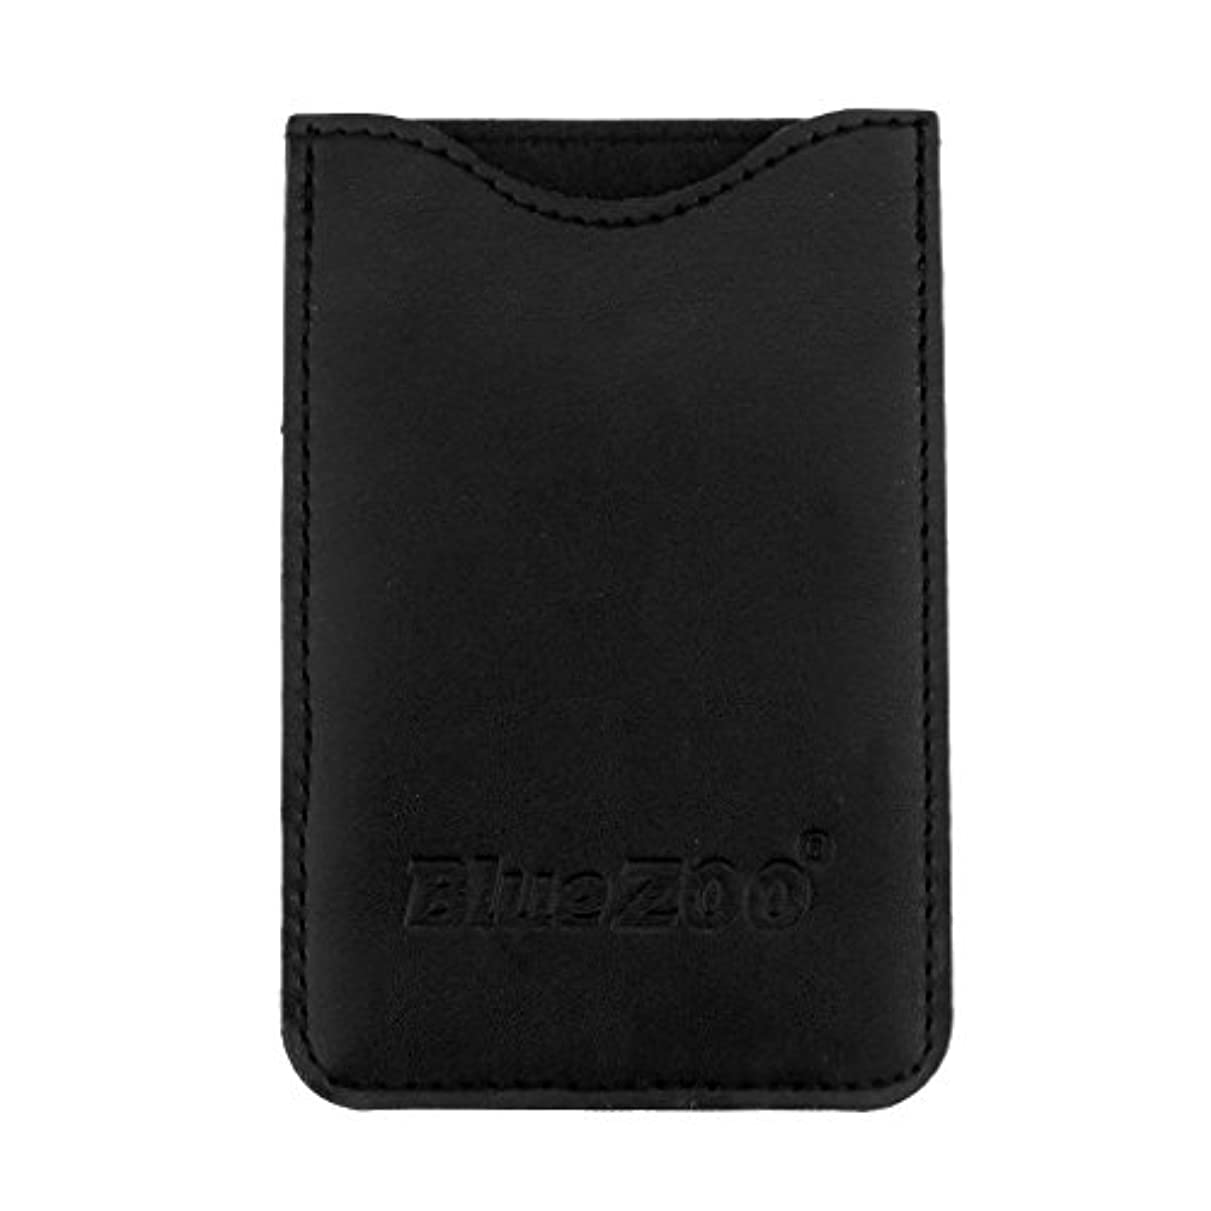 洞察力のある感動するエンコミウムPUレザー櫛バッグポケットオーガナイザー収納保護カバーケースパック - ブラック